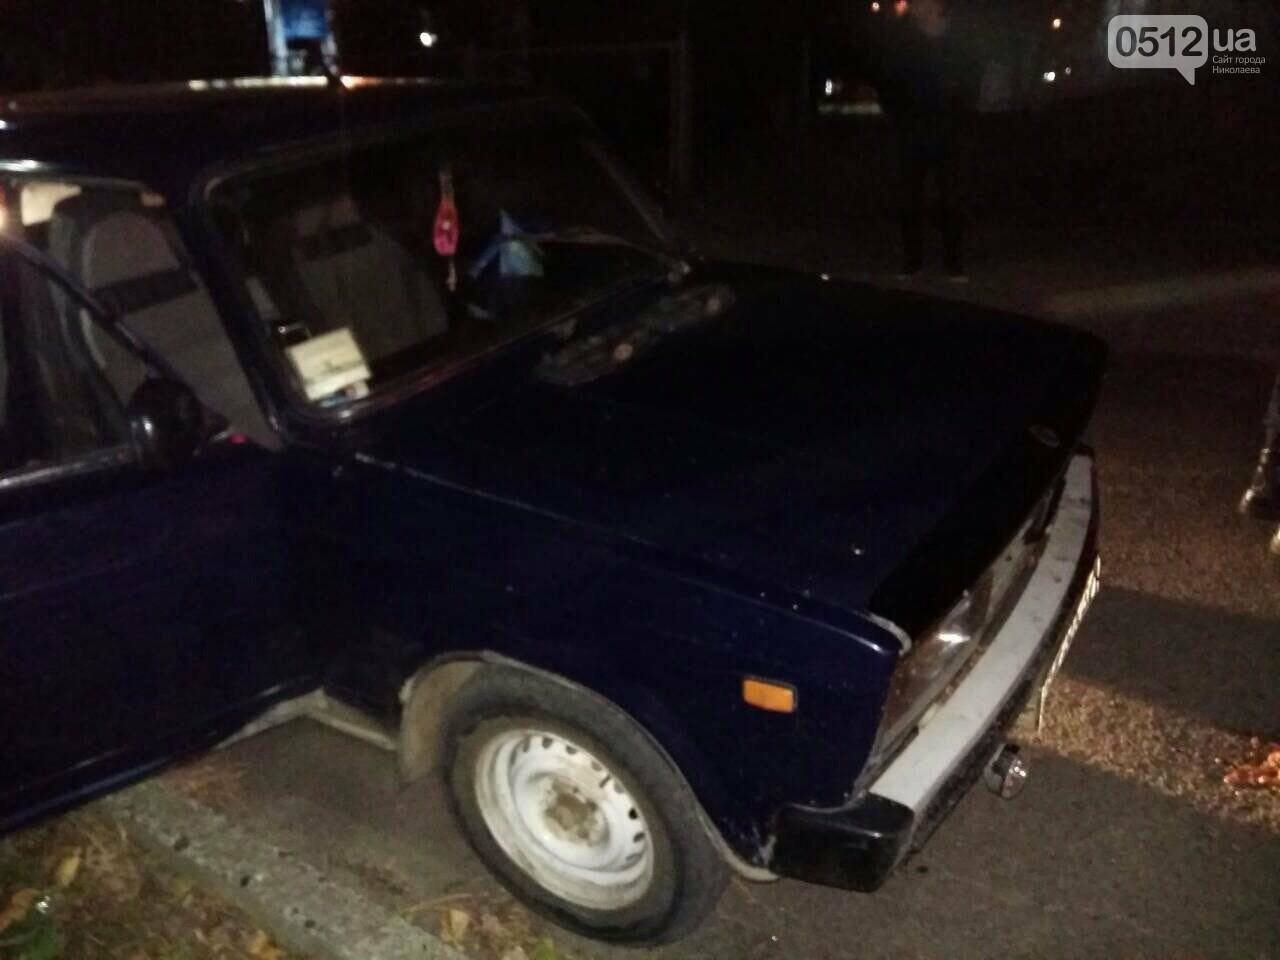 Ночью в Николаеве трое мужчин напали и ограбили снимавшего сюжет журналиста (ФОТО, ВИДЕО), фото-11